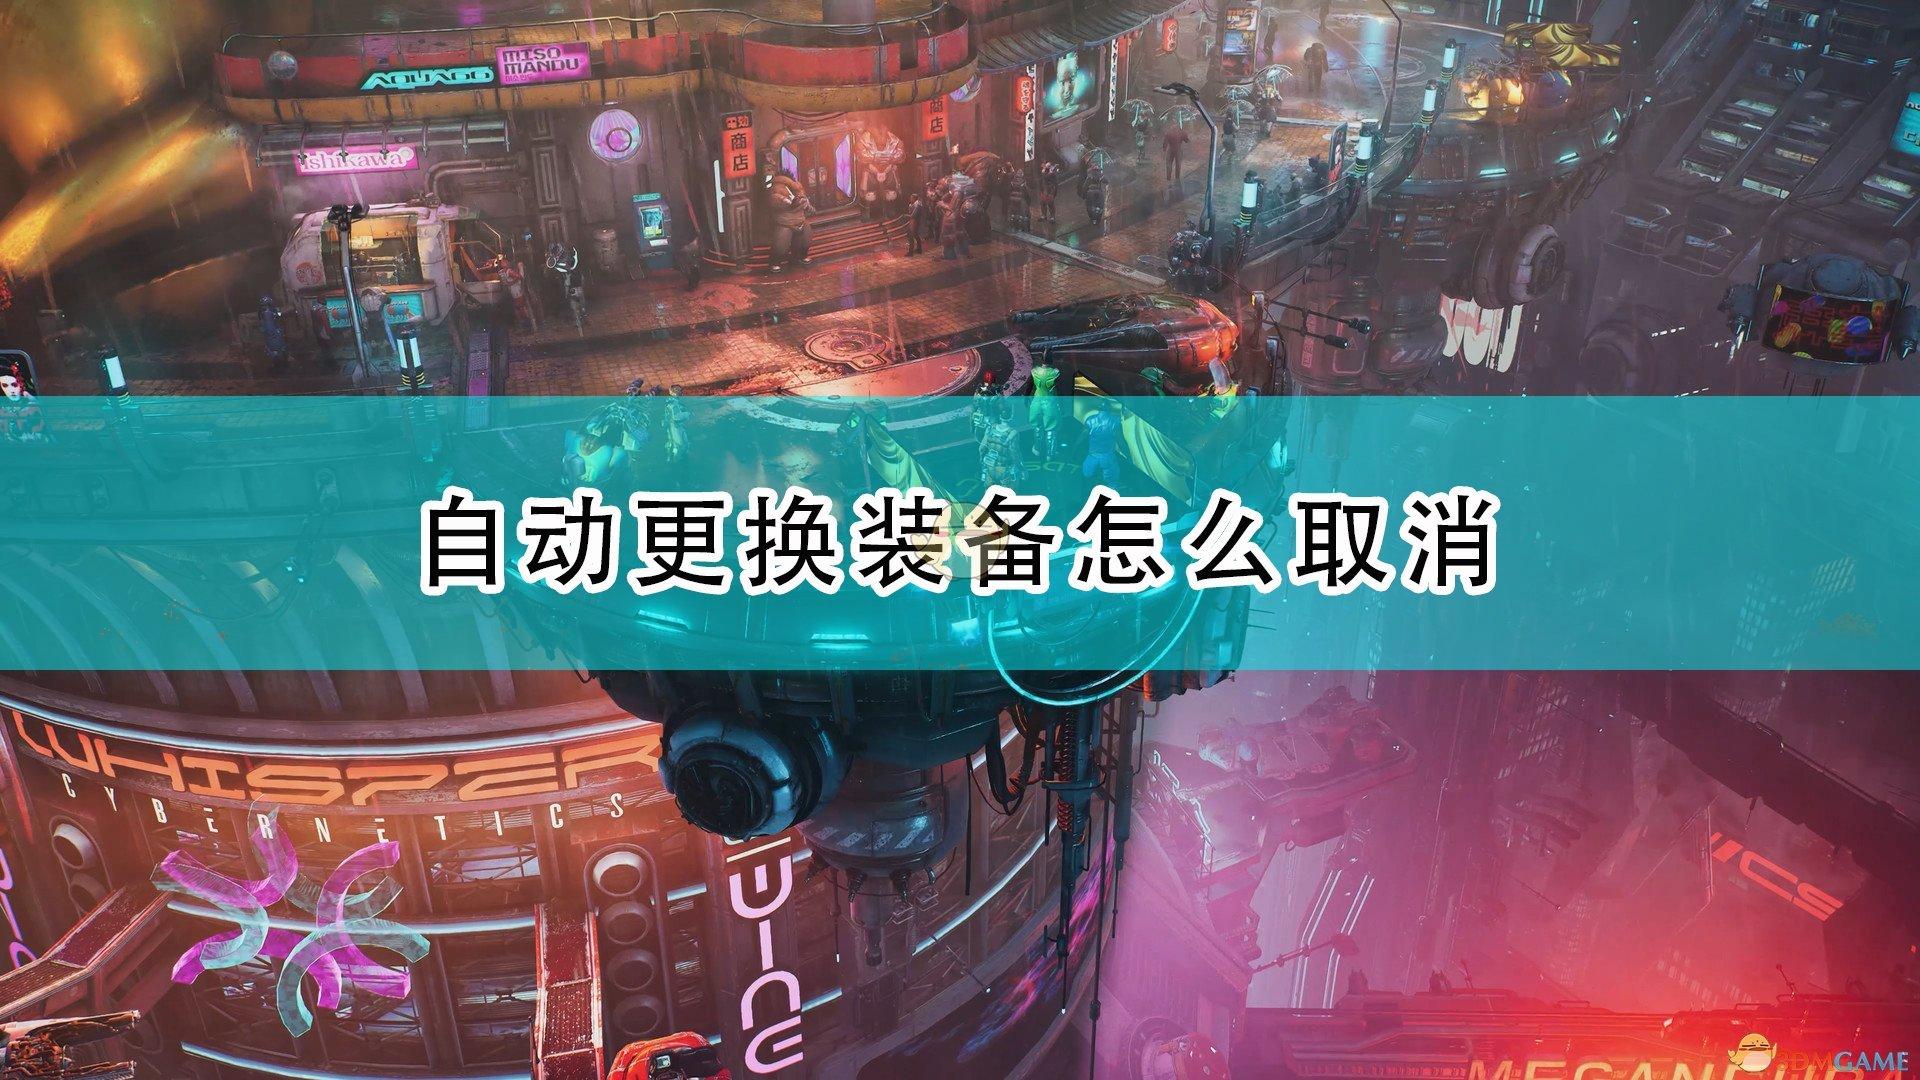 《上行戰場》自動更換裝備取消方法介紹